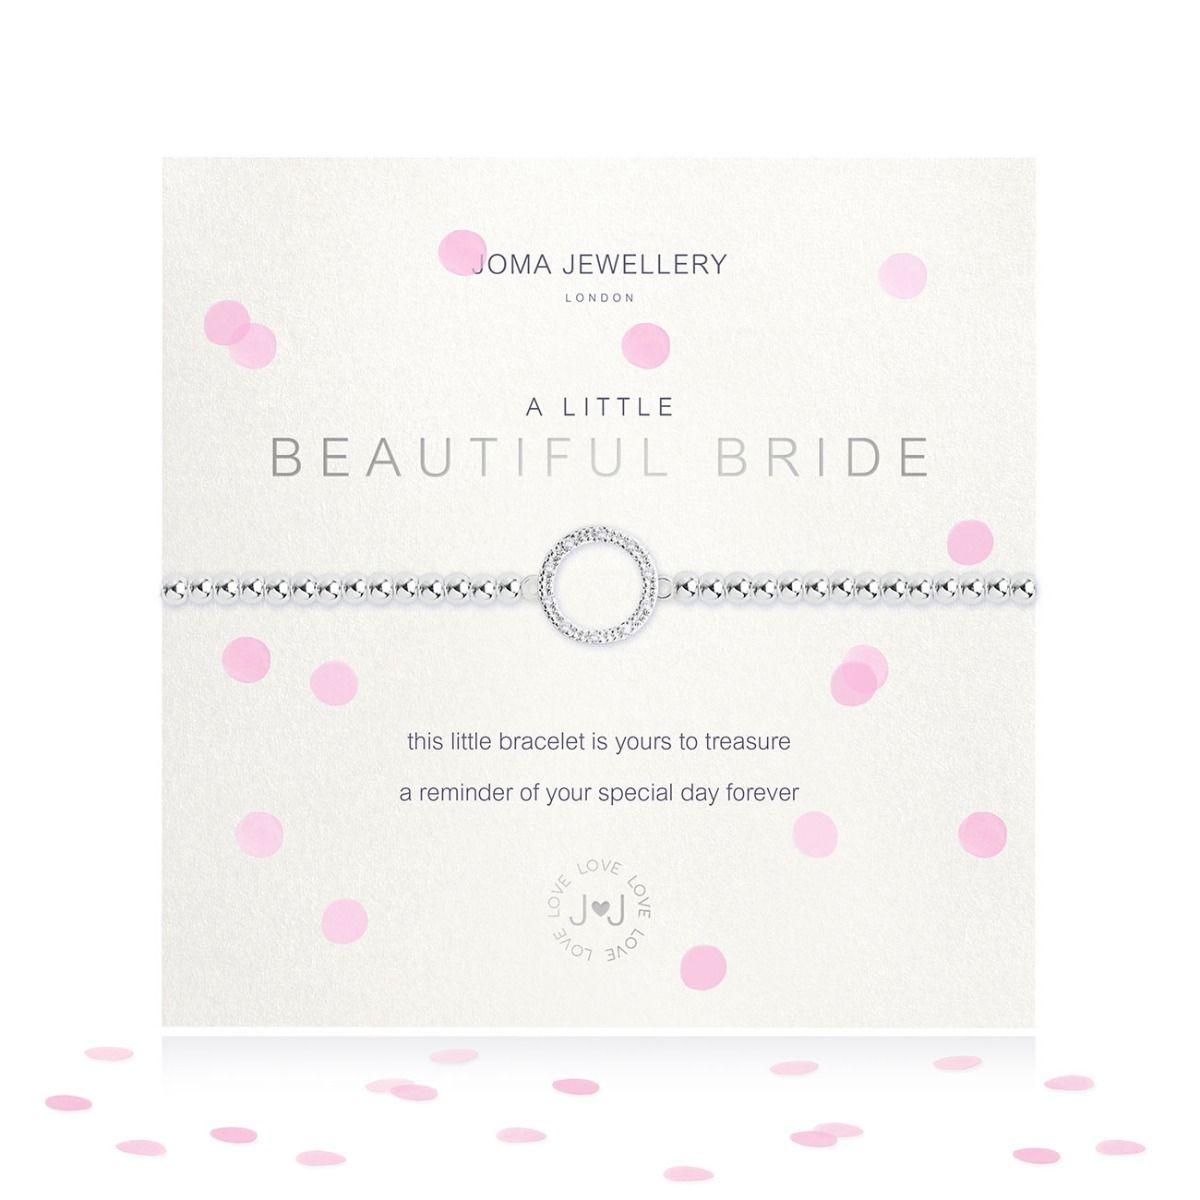 Joma Jewellery A Little 'Beautiful Bride' Bracelet